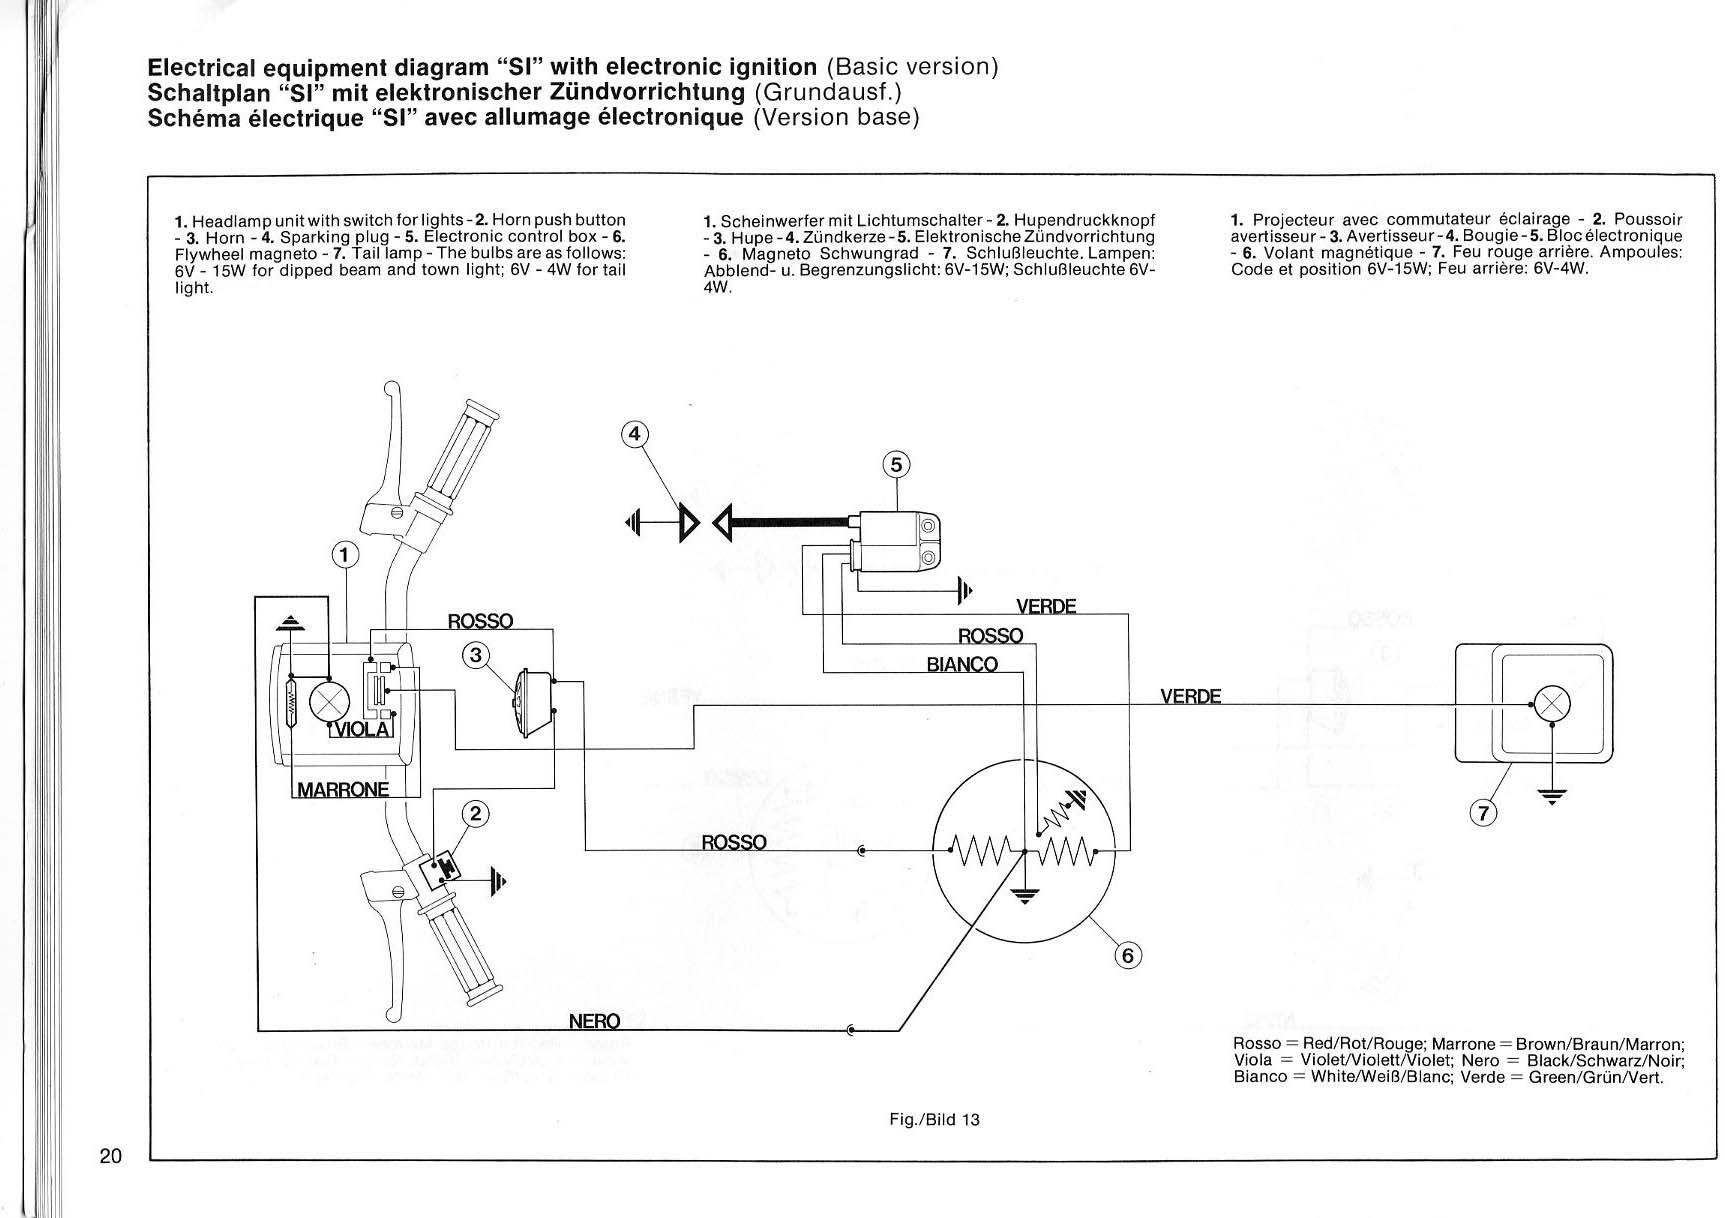 Schemi Elettrici Base Per Principianti : Ciao cross club schema elettrico si versione base e